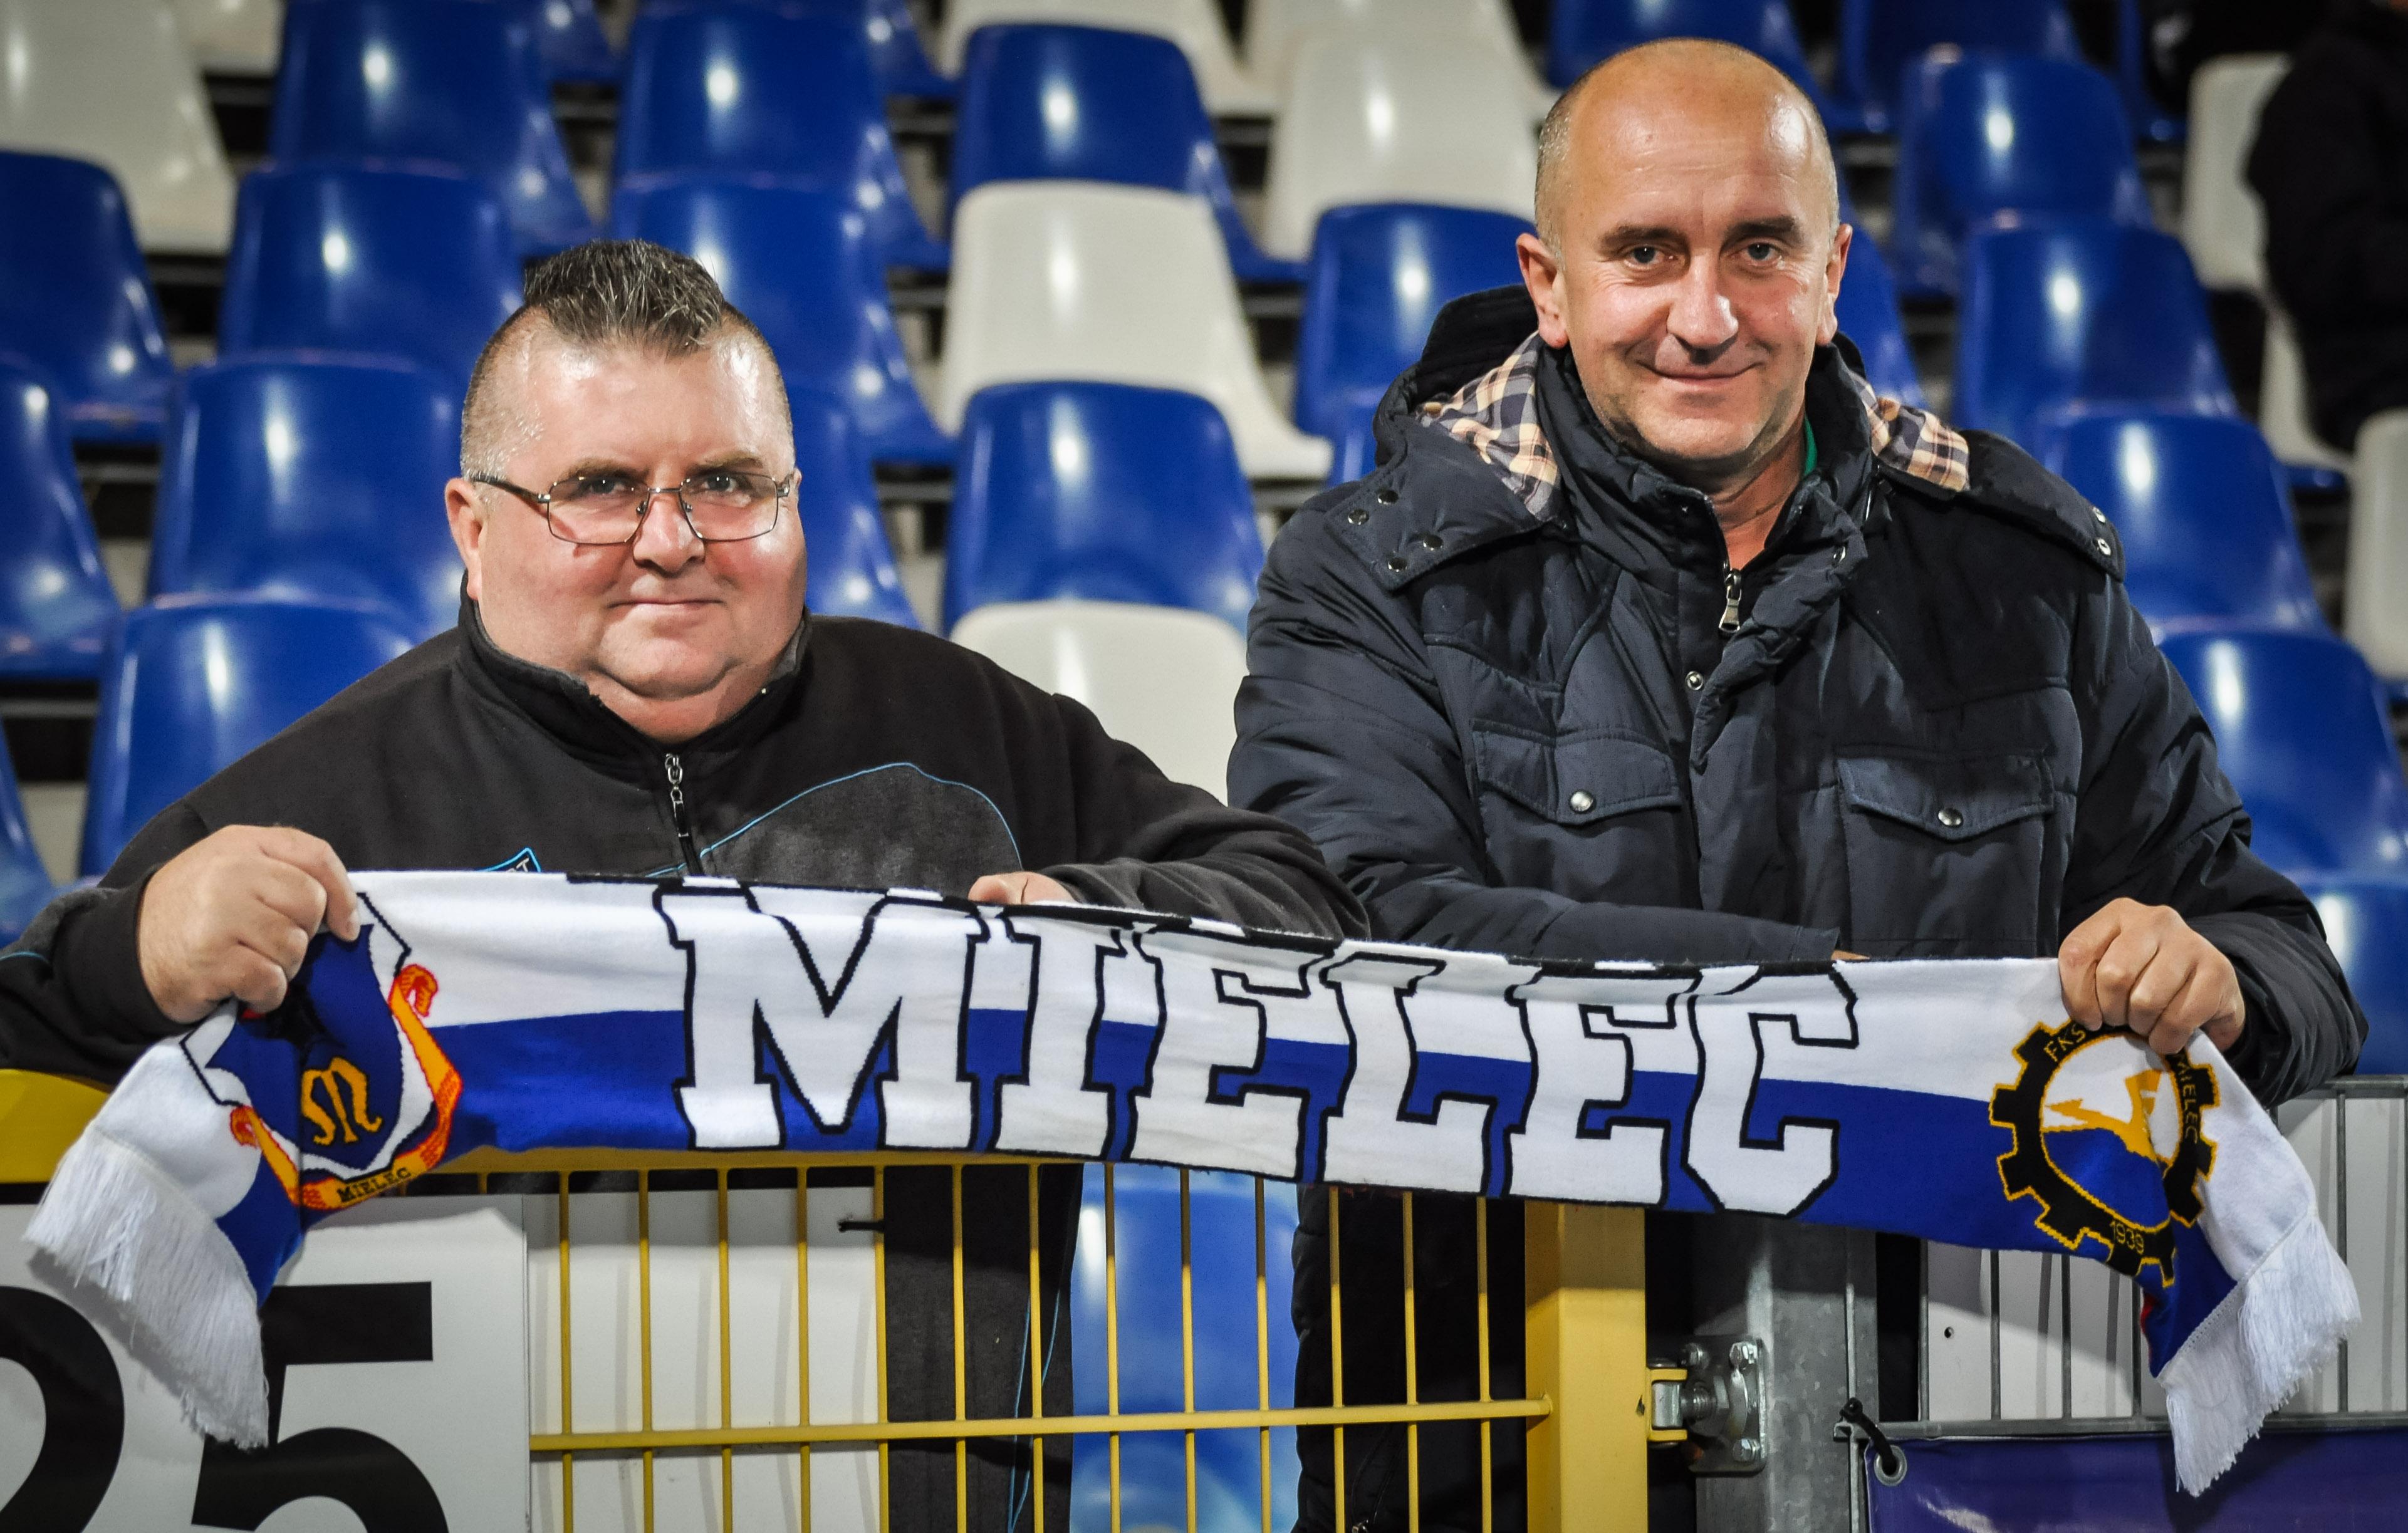 FKS Stal Mielec - GKS Jastrzębie. Kibice i zawodnicy w akcji [FOTO] - Zdjęcie główne